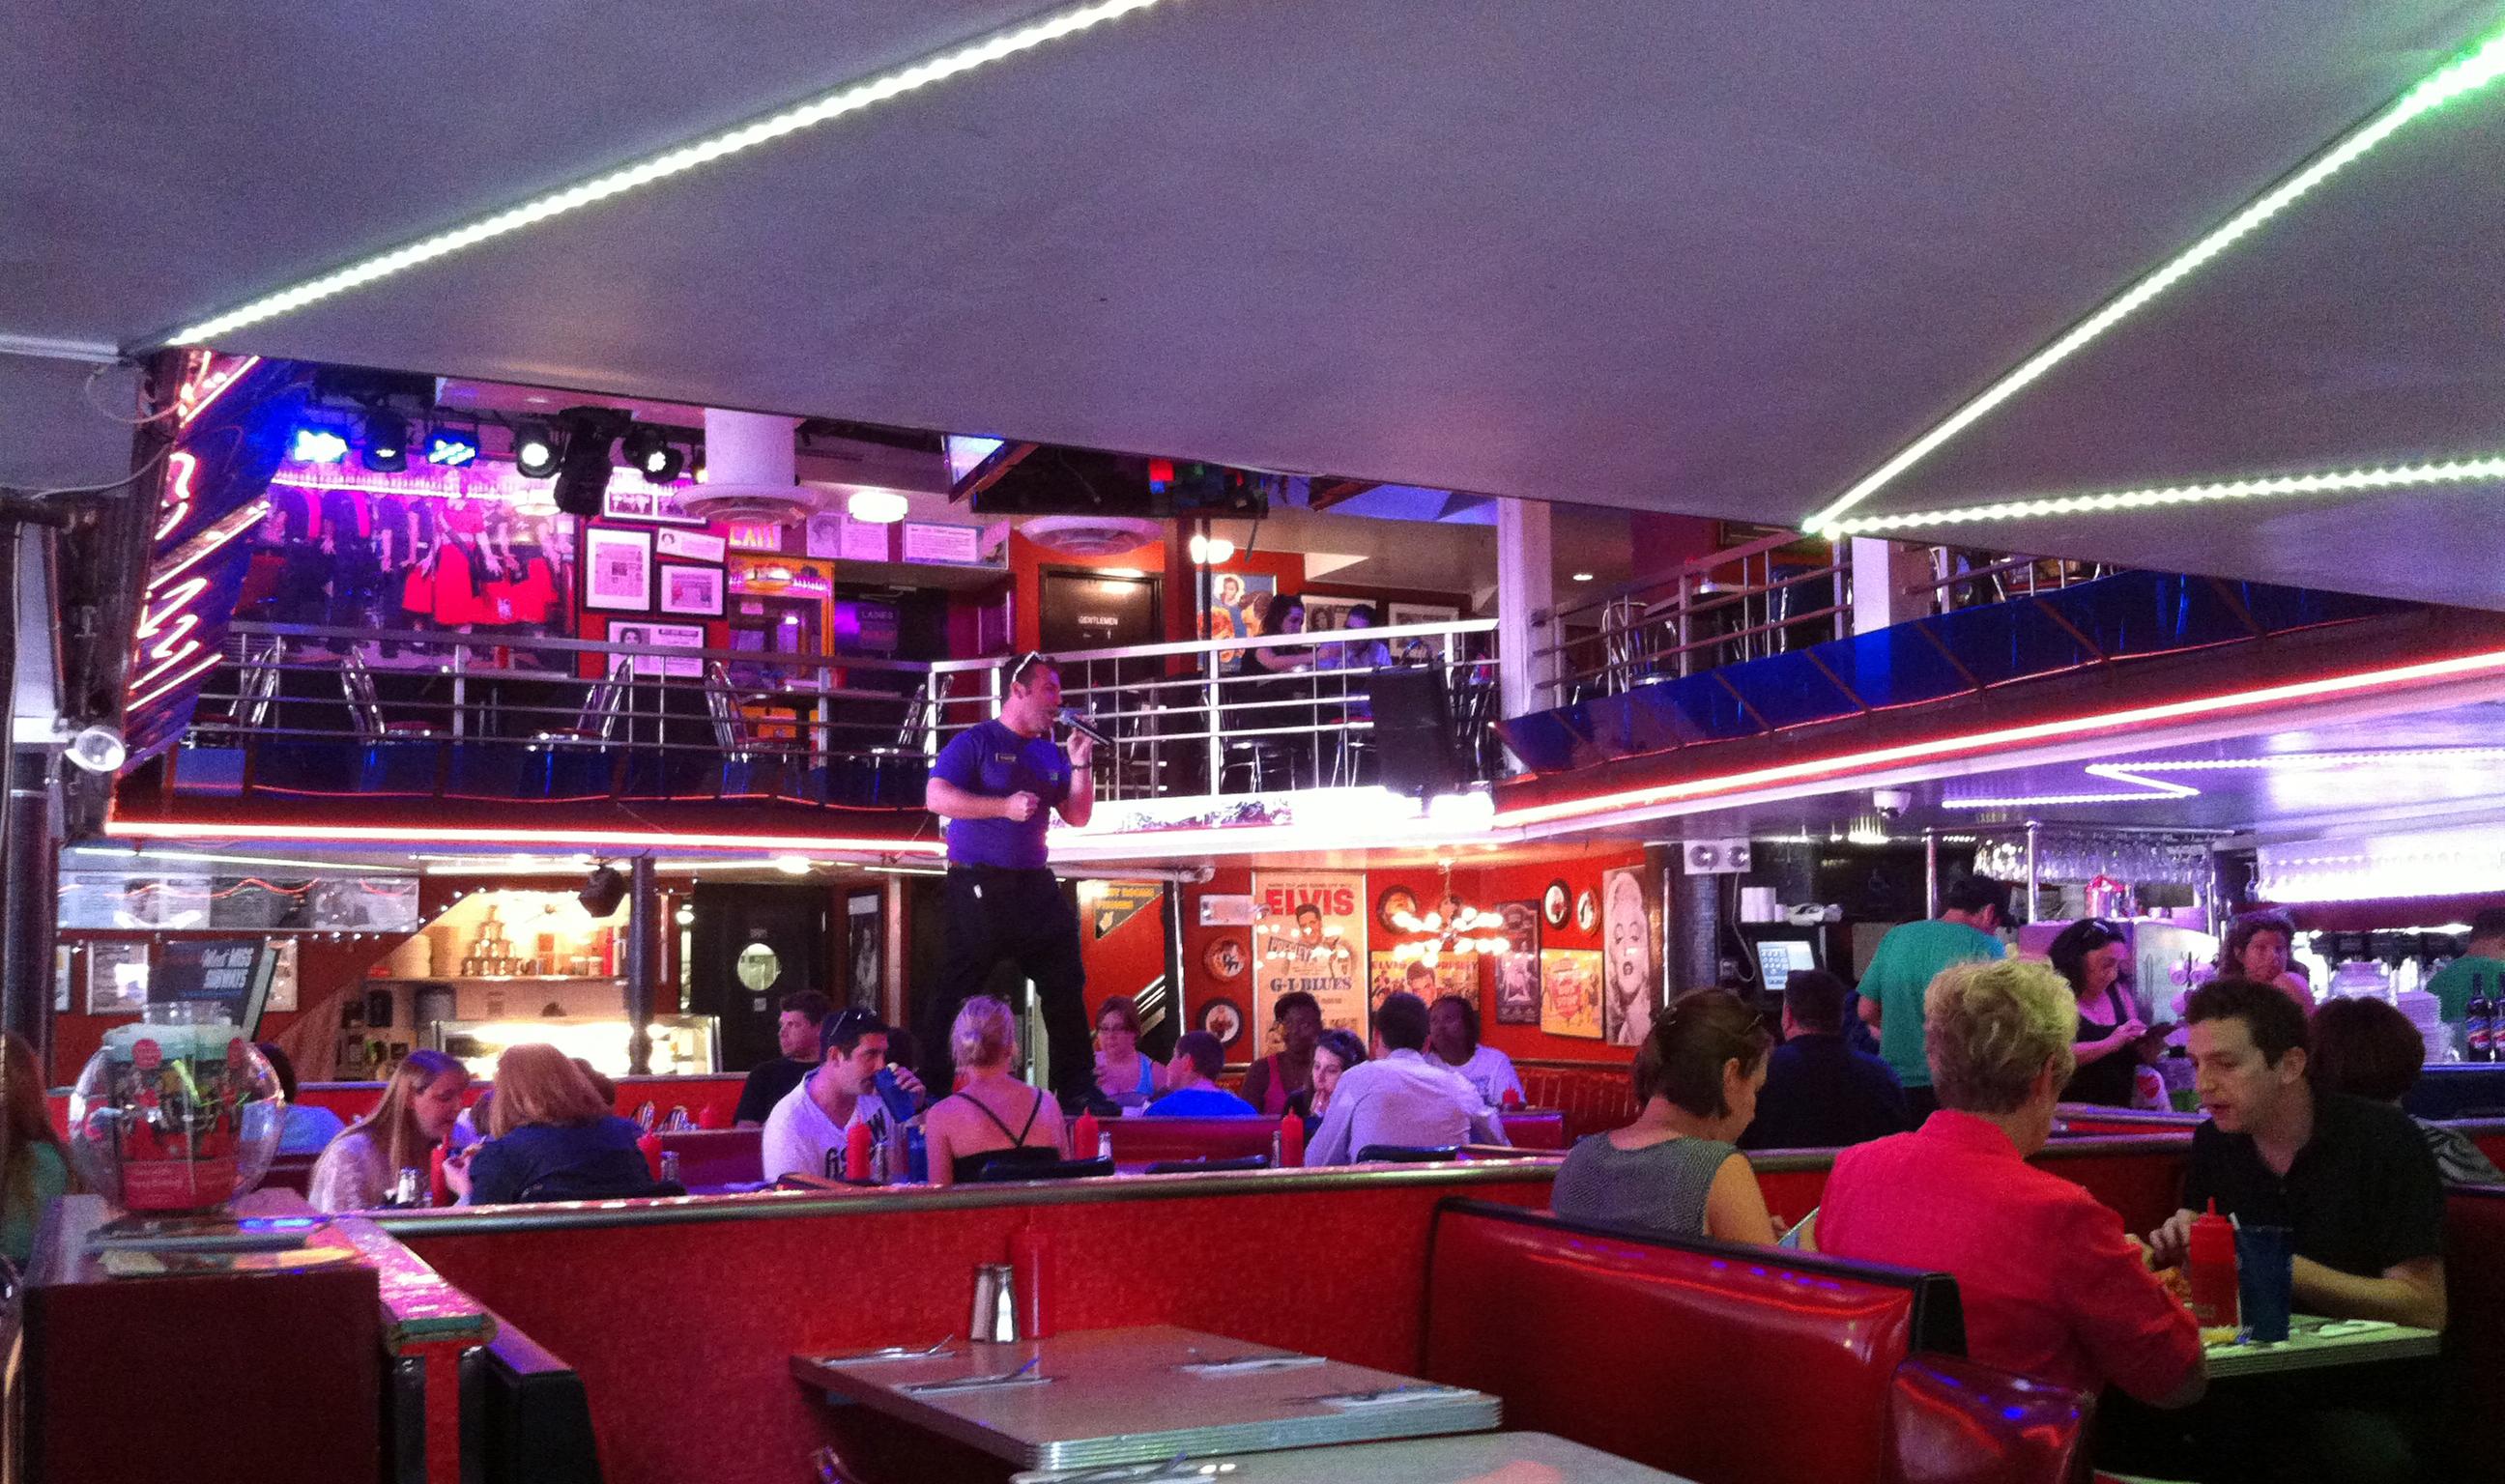 Ellen's-Stardust-Diner-uit-eten-kinderen-new-york.jpg